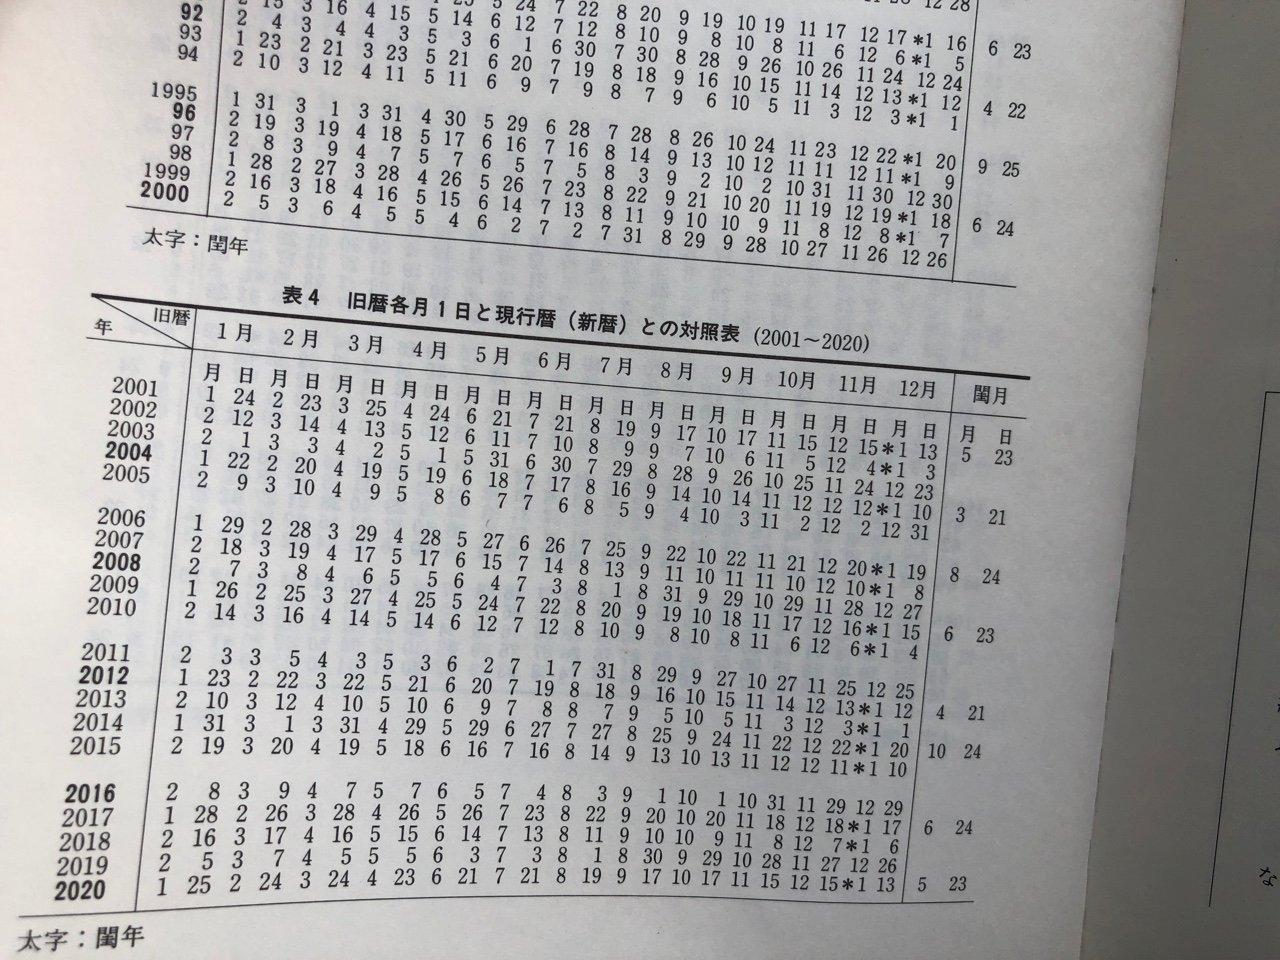 旧暦各月1日と現行暦(新暦)との対照表。  新こよみ便利帳―天文現象・暦計算のすべて | 暦計算研究会 https://t.co/J1AqAK9hwC https://t.co/OYEw12jtvZ